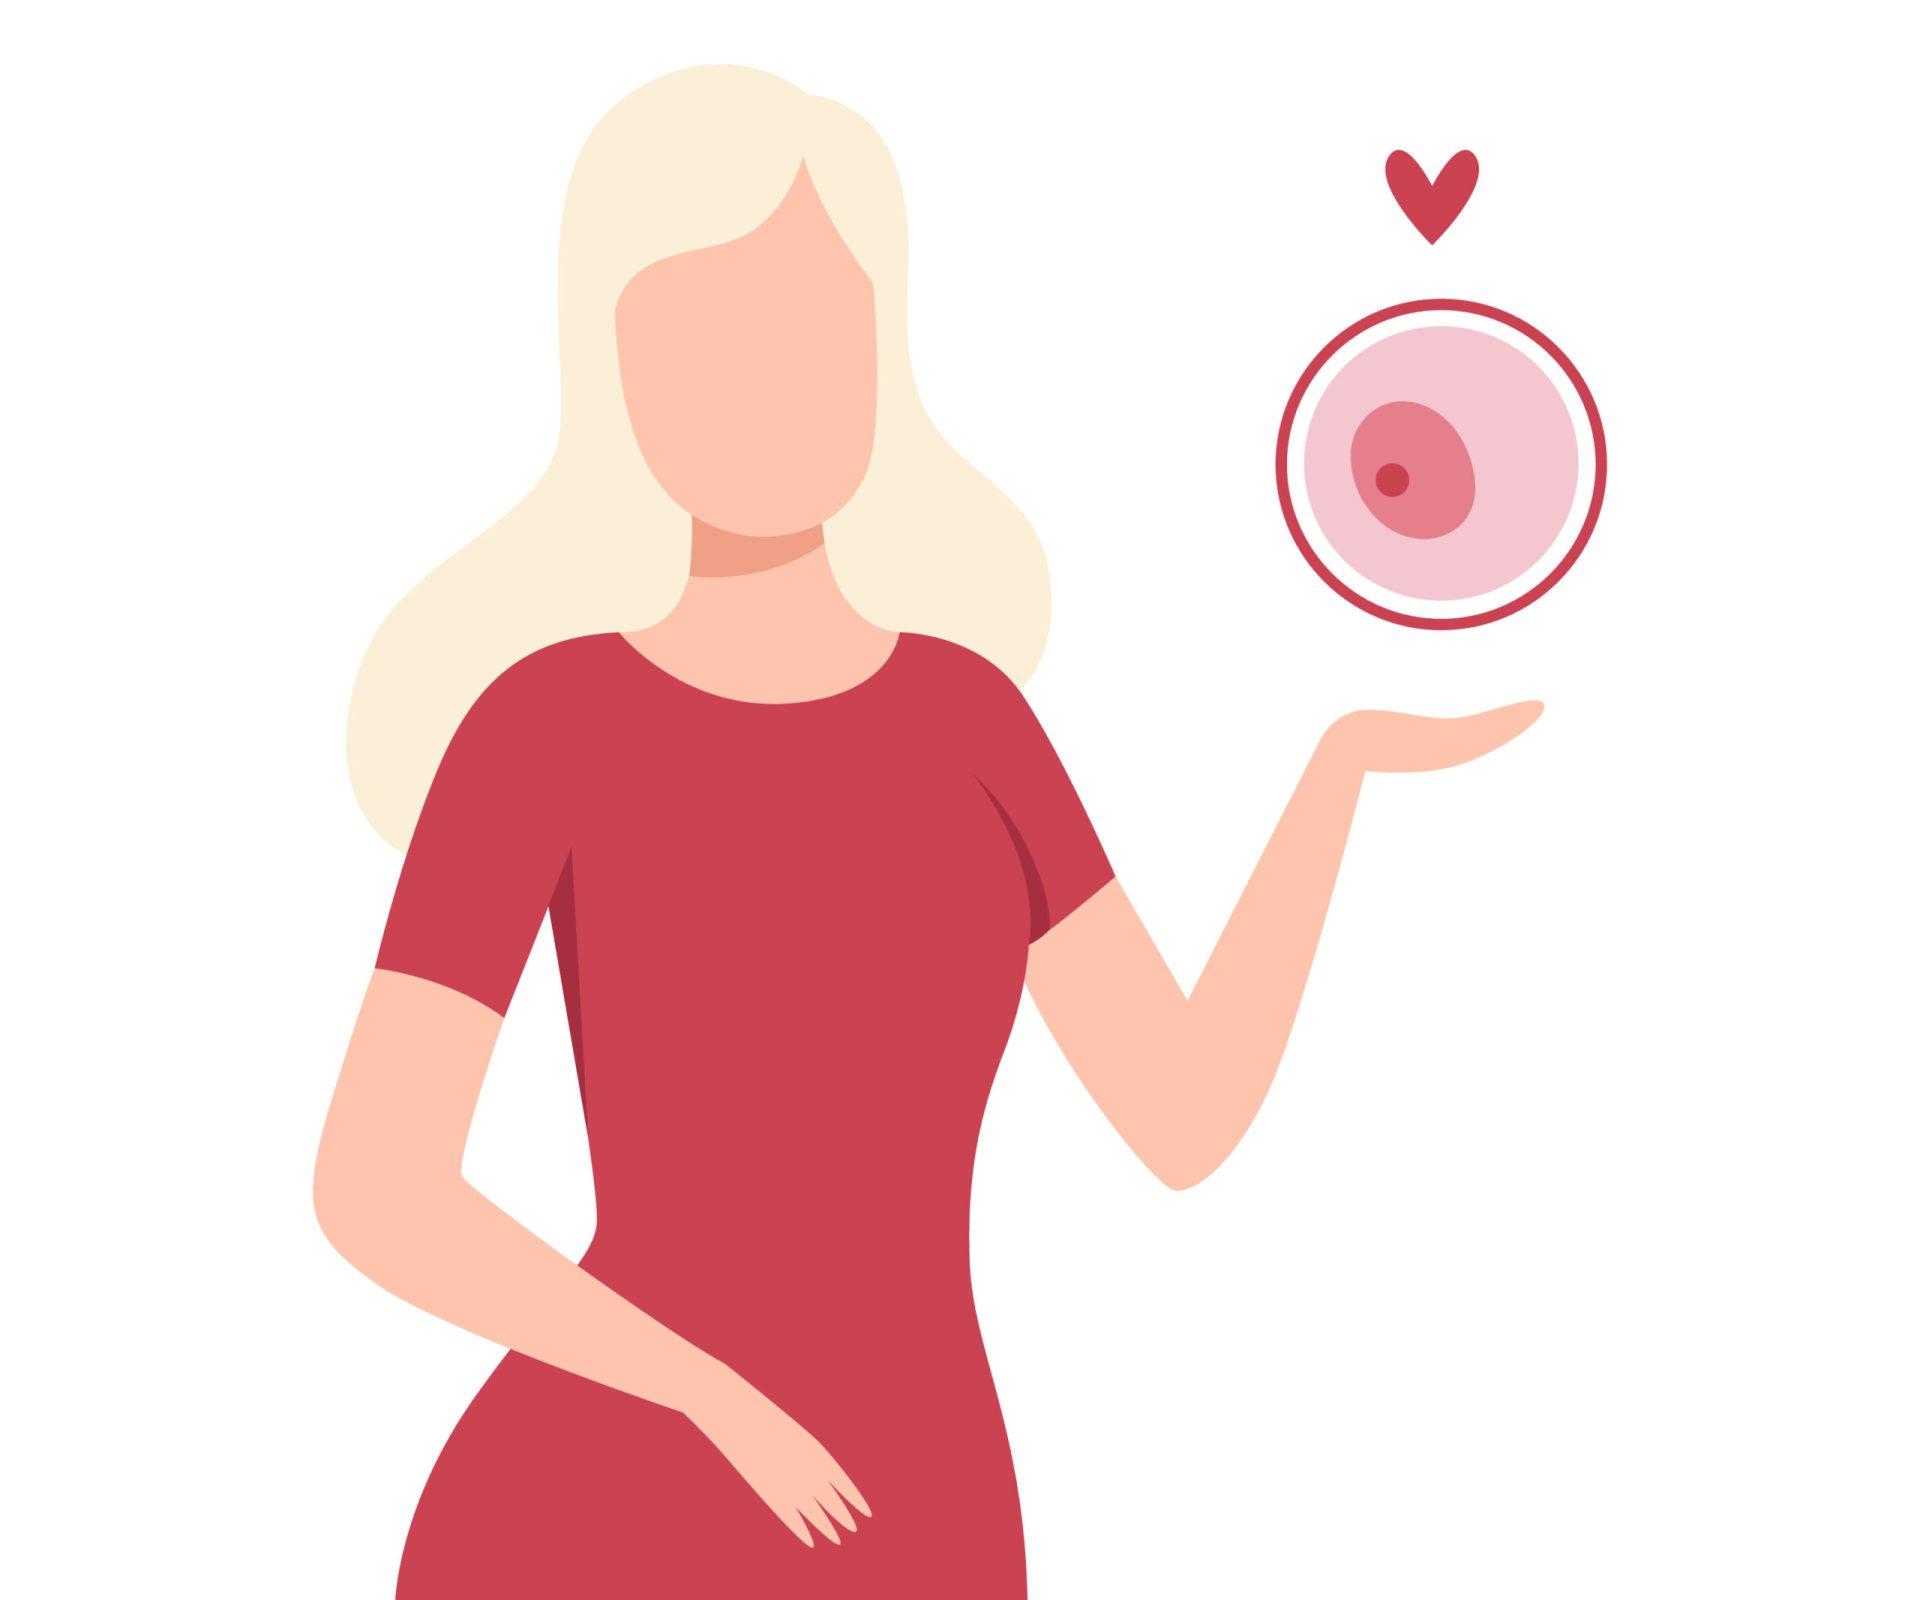 Conservarea ovocitelor se poate face de femei care nu sunt încă pregătite să devină mame dar nu exclud această idee în viitor